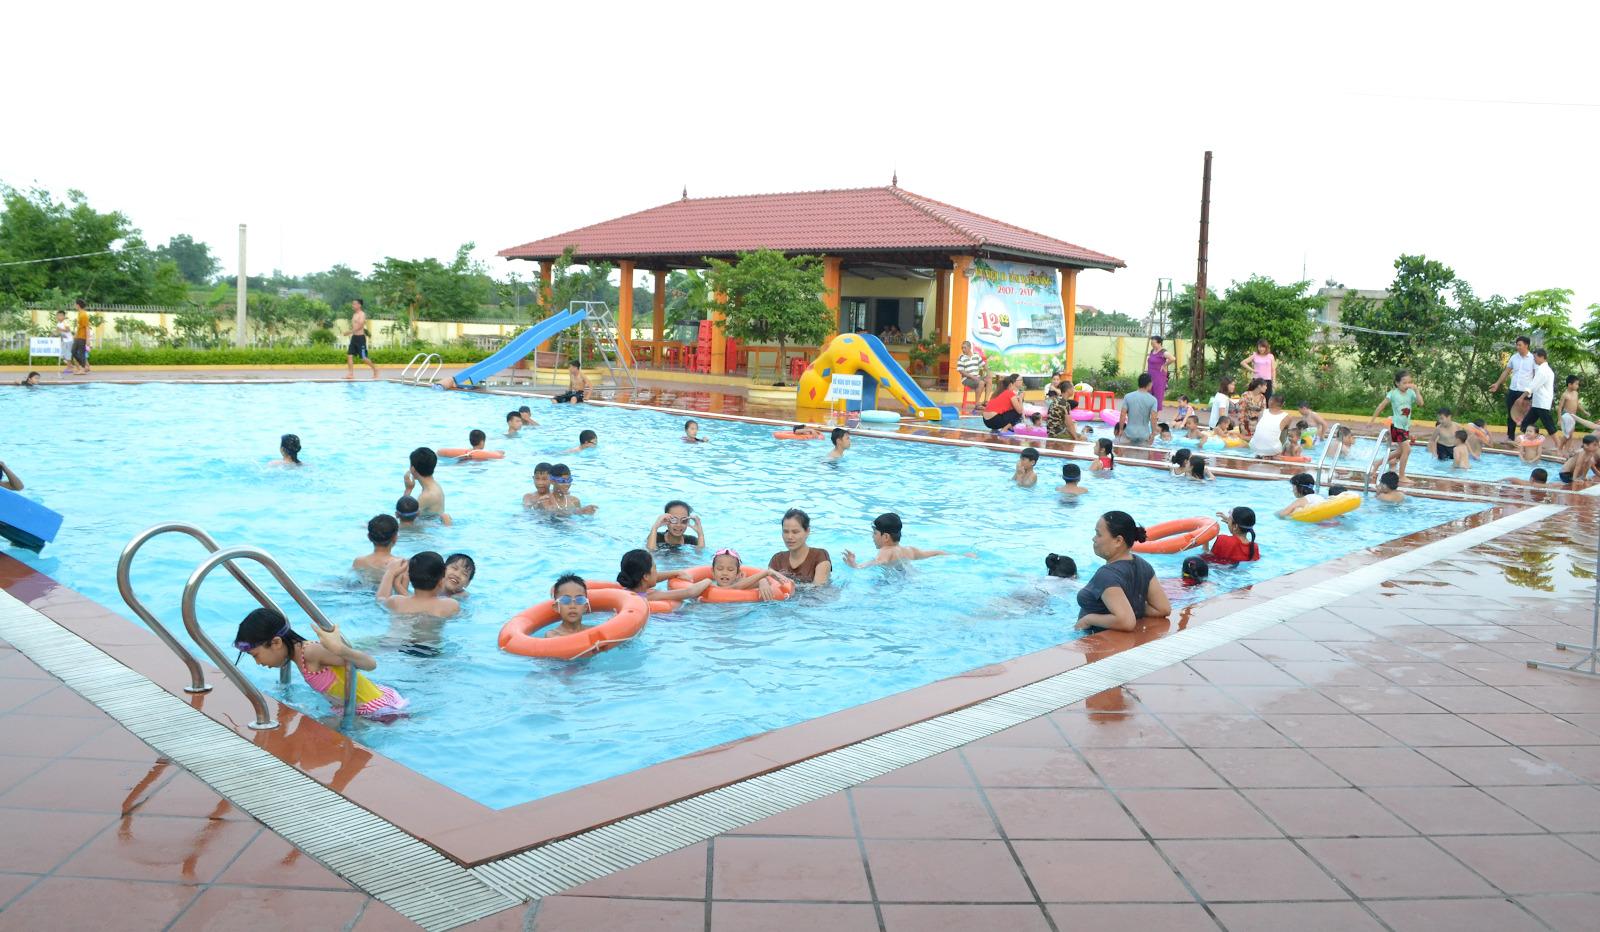 Cập nhật giá vé thời điểm hiện tại của các bể bơi ở Hà Nội theo quận giúp chị em dẫn cả gia đình tới giải nhiệt ngày hè khỏi lăn tăn - Ảnh 6.